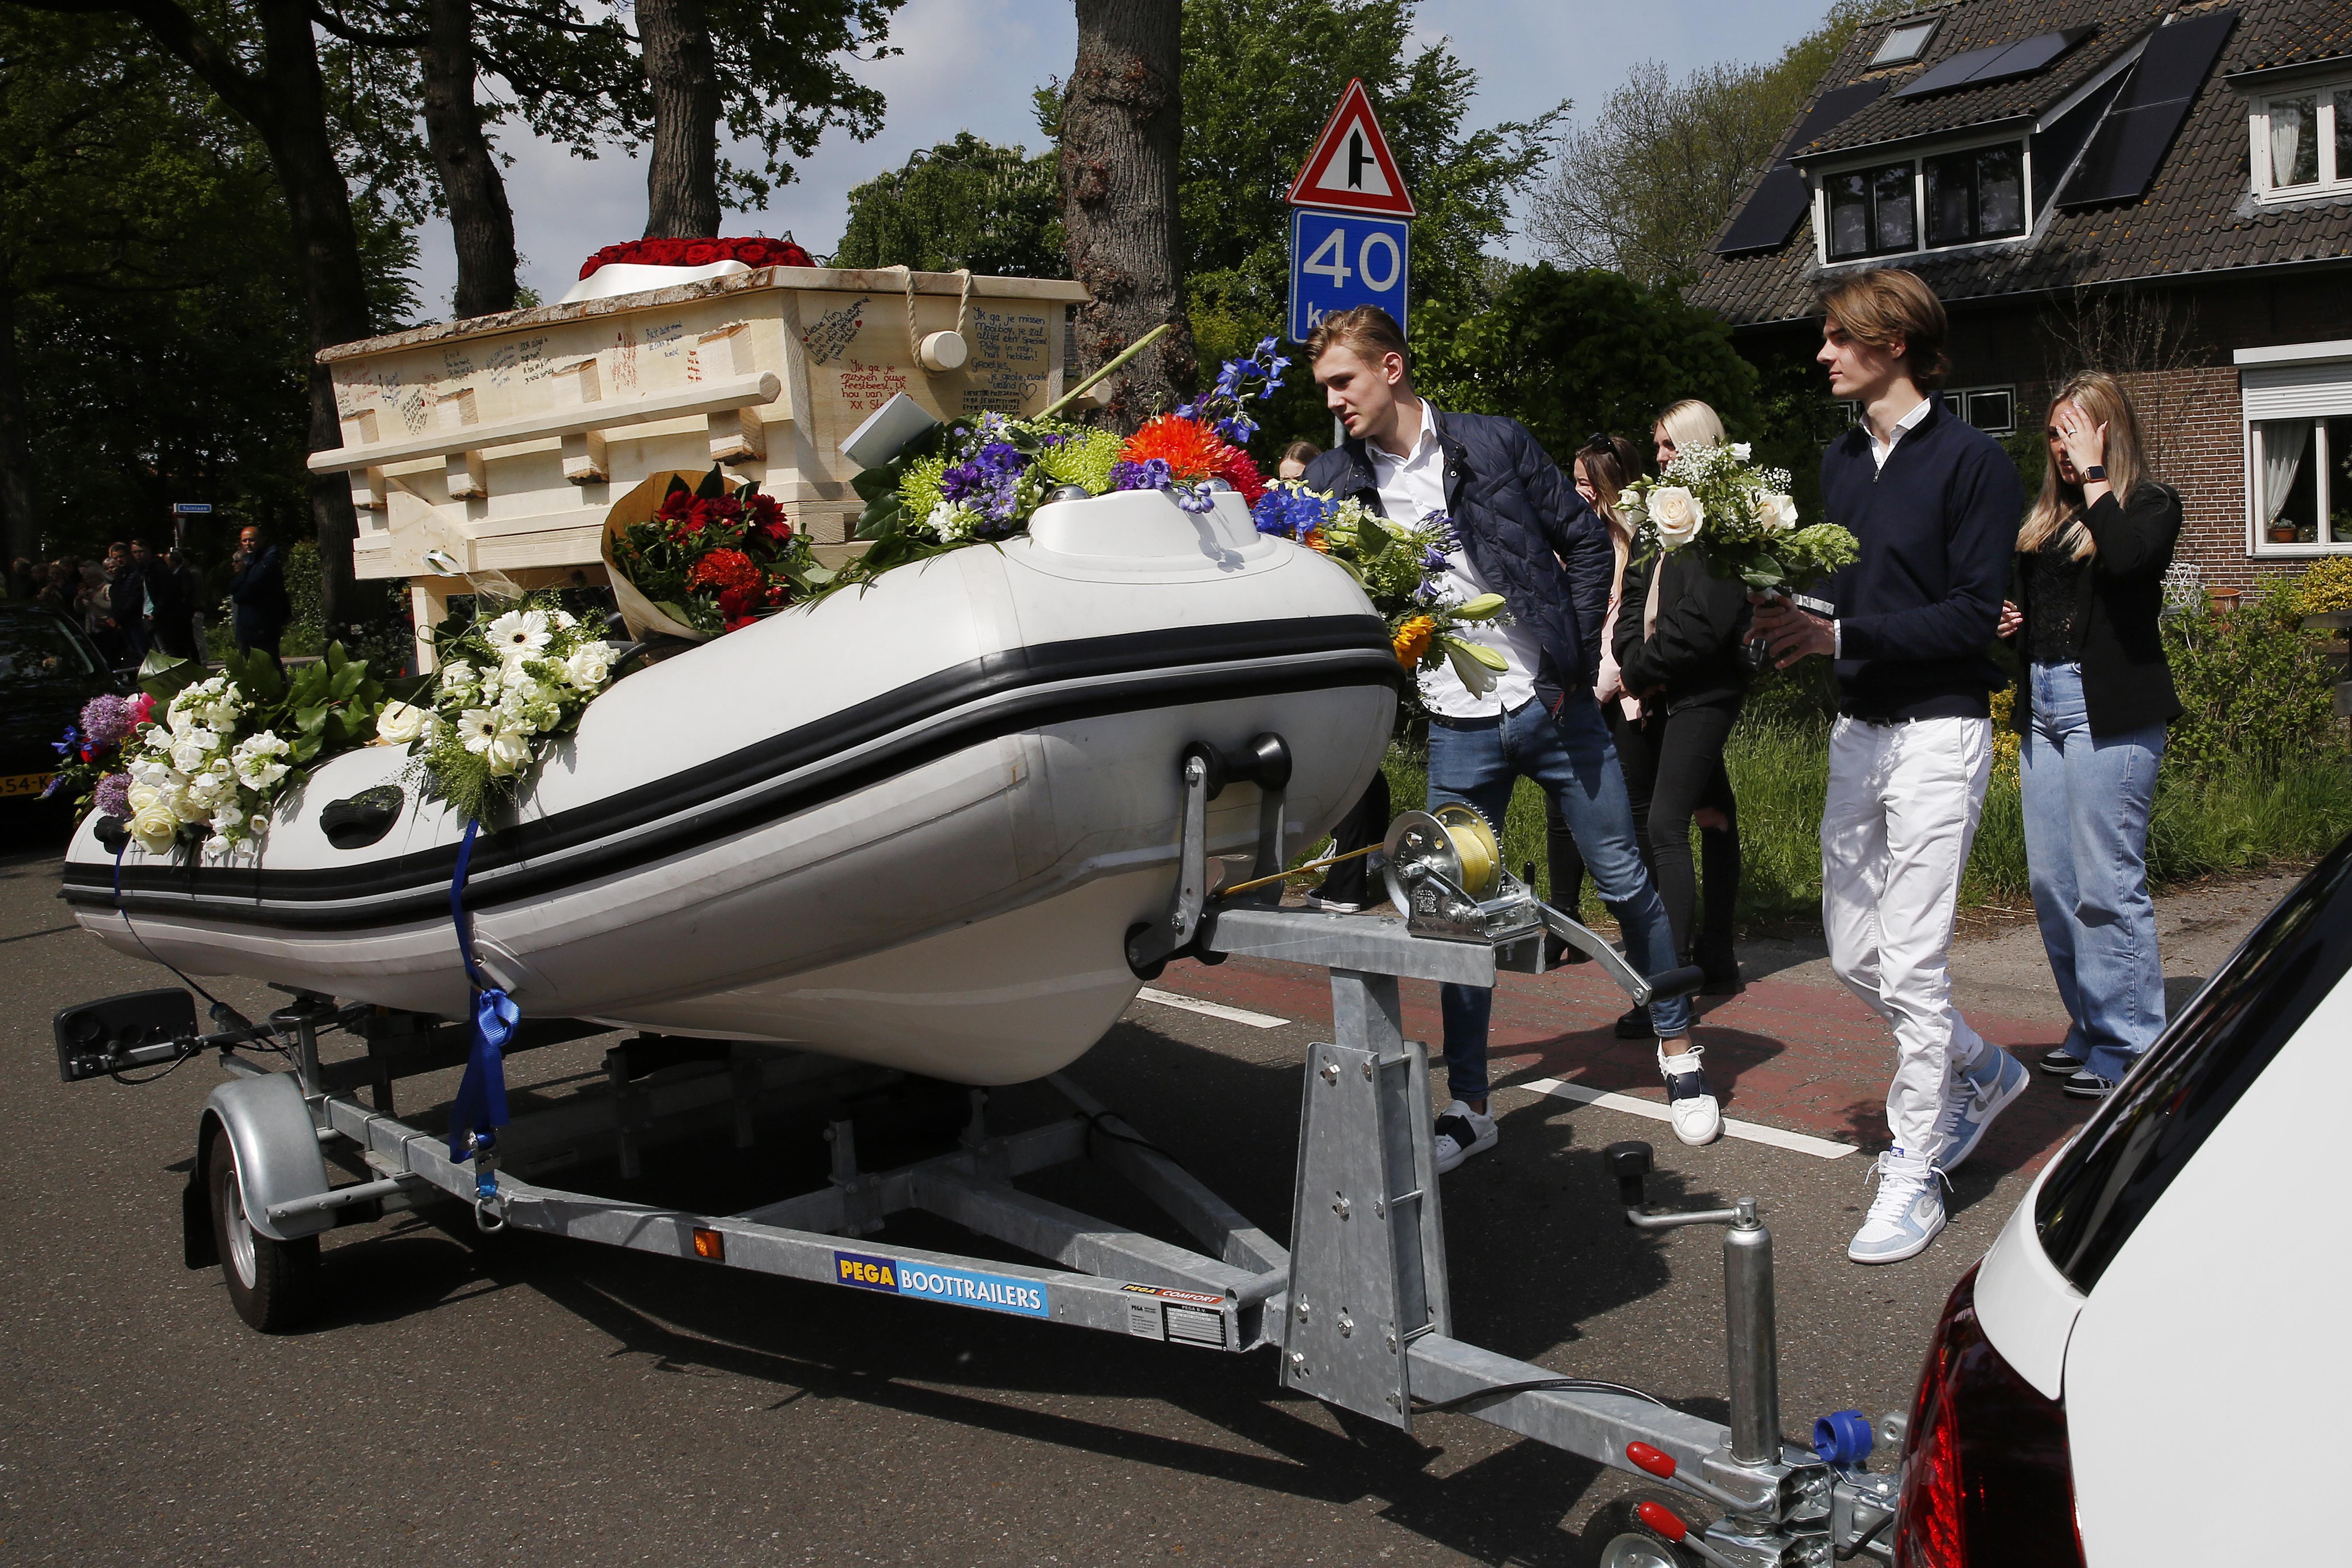 Maartensdijk huilt. Indrukwekkend afscheid van Tim (18) die samen met Sven (16) verongelukte op de scooter. In de kist op zijn eigen boot naar zijn laatste rustplaats. 'Tim was geweldig' [video]